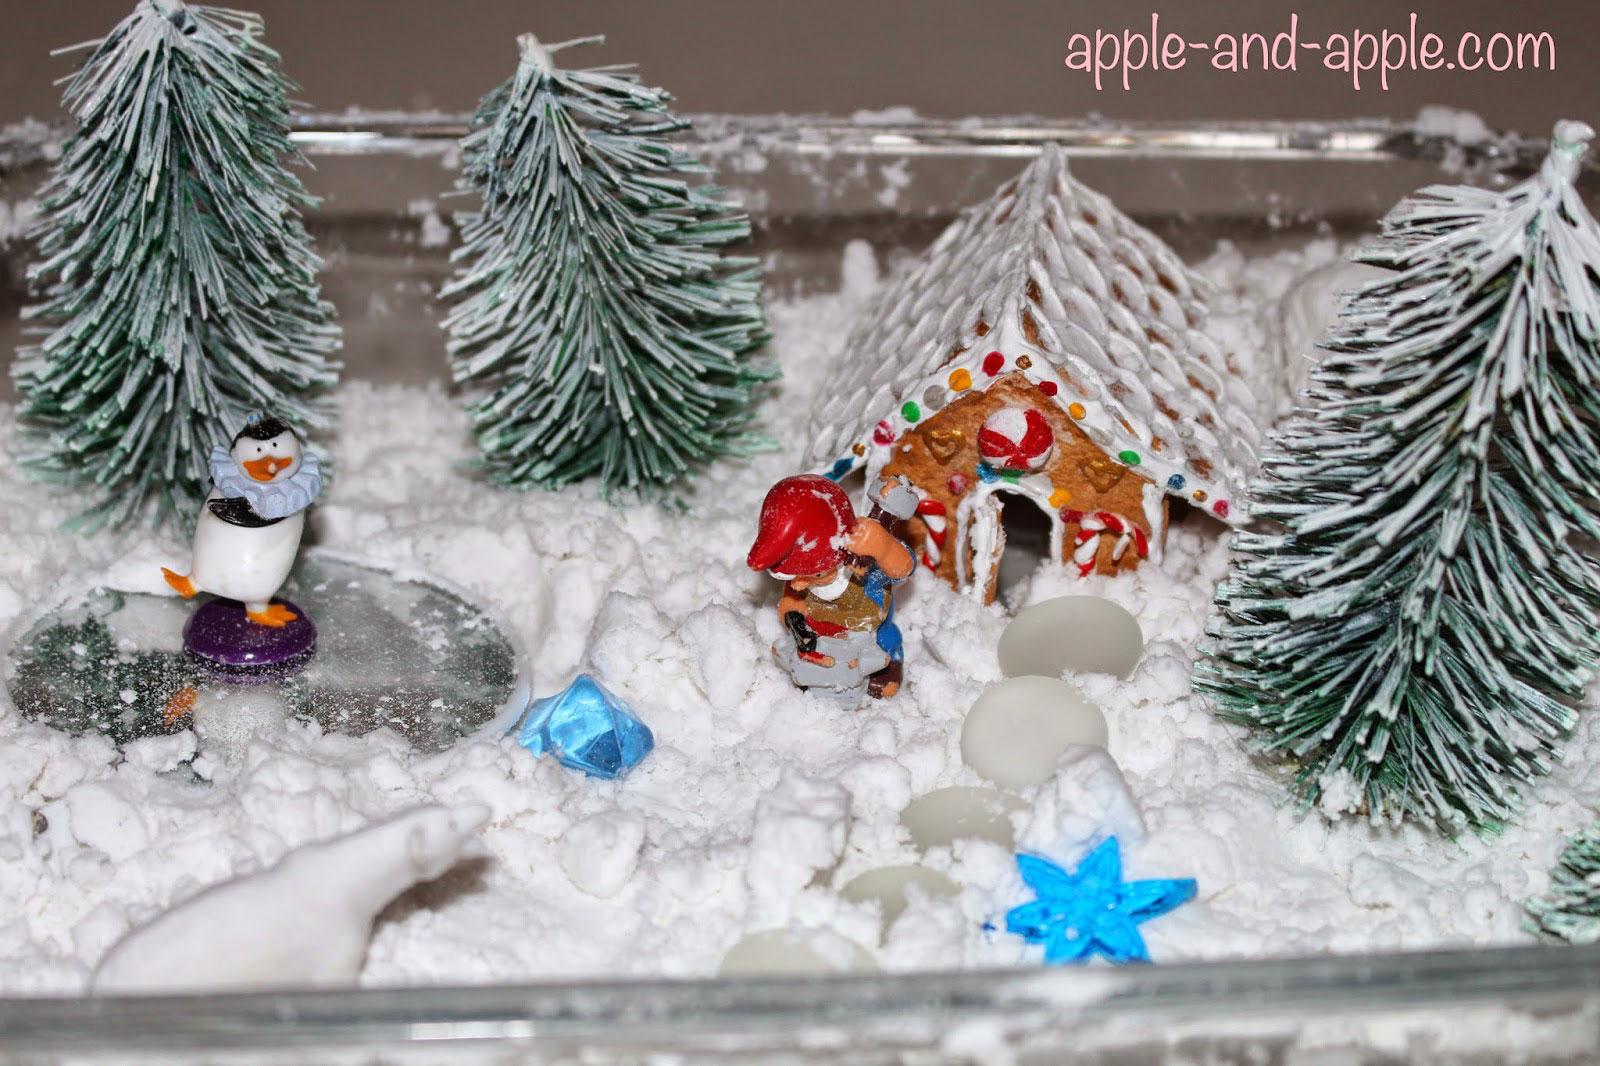 сенсорная коробка с искусственным снегом